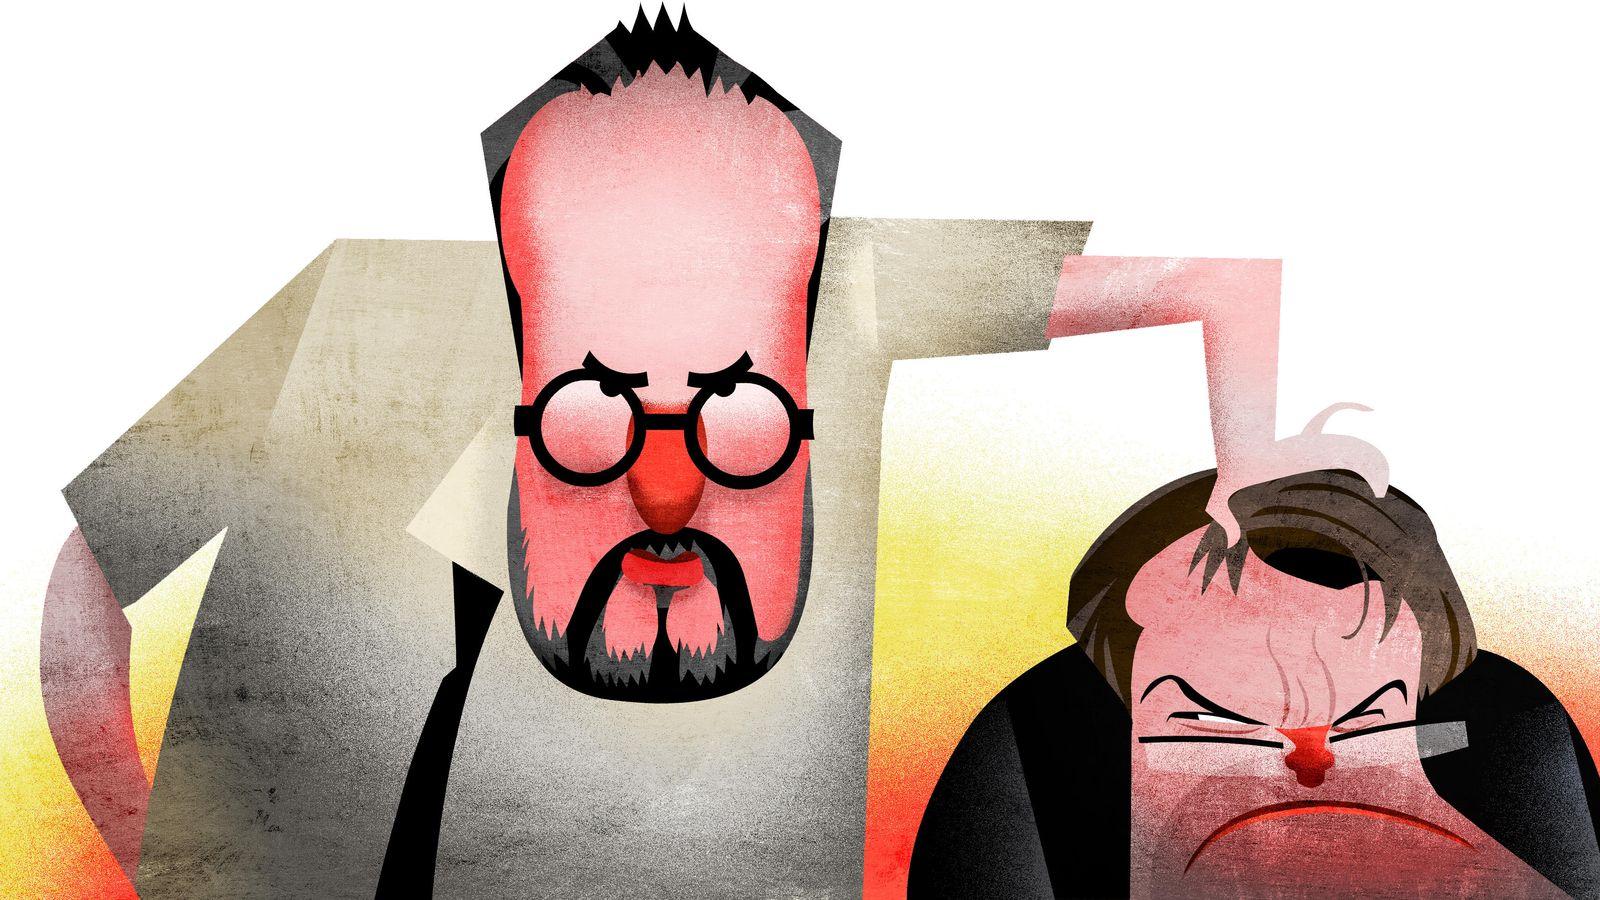 Foto: Caricatura de Antonio Baños, líder de la CUP y Artur Mas, presidente de la Generalitat de Cataluña en funciones.